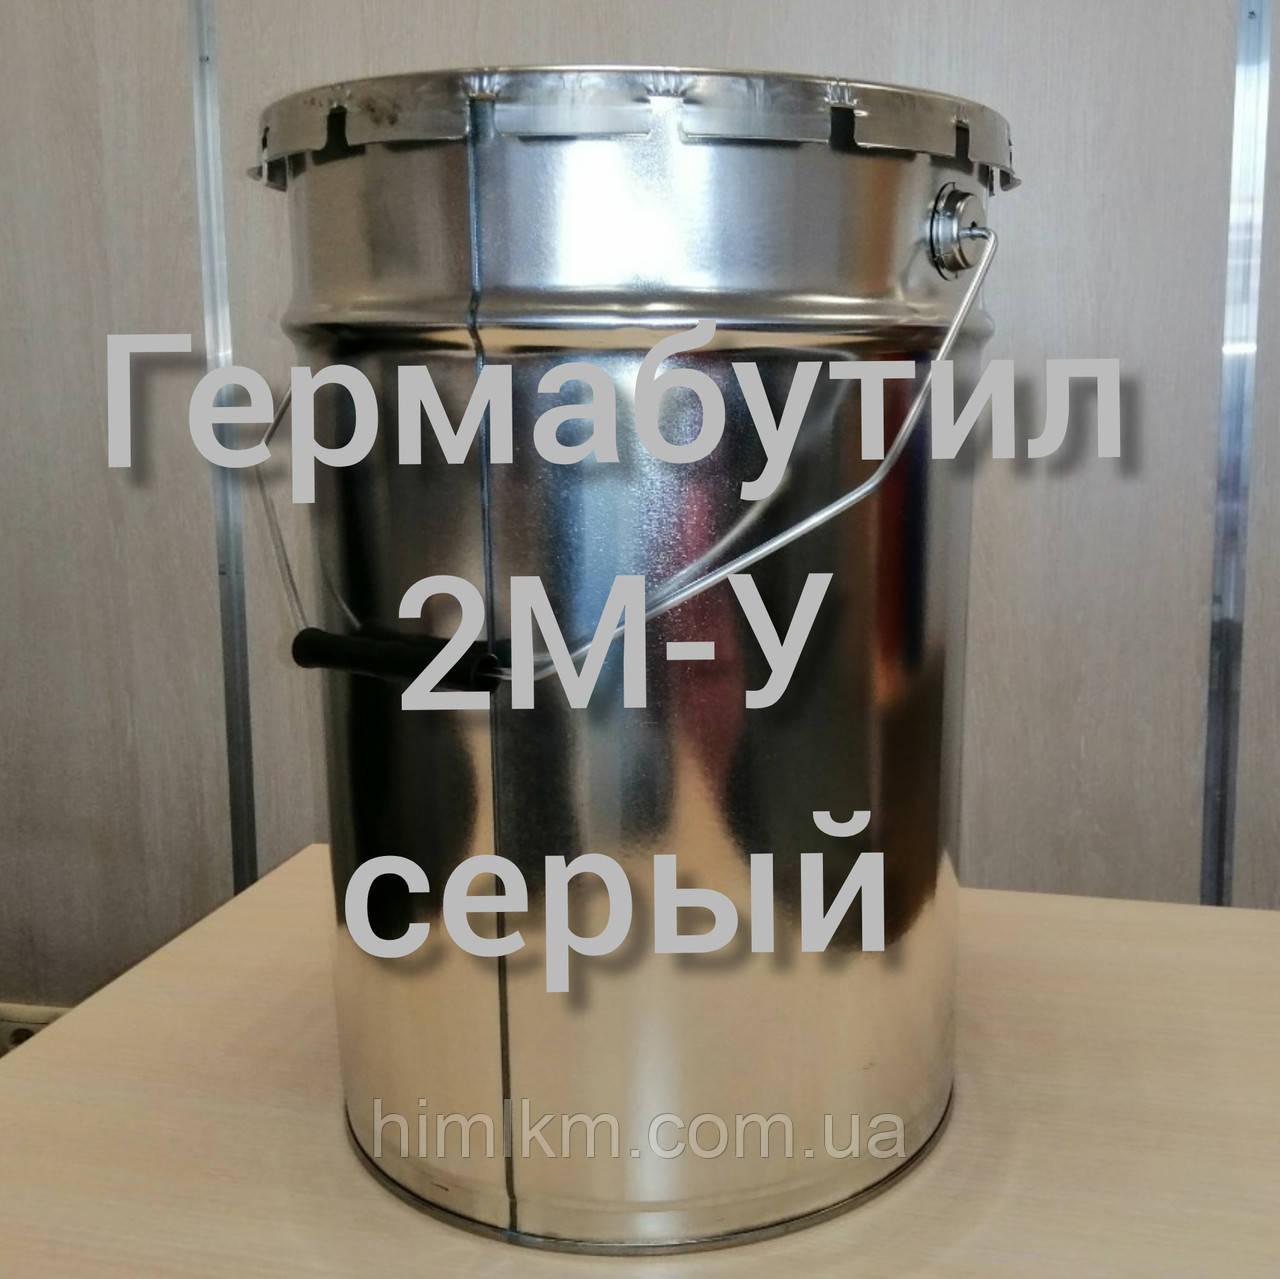 Гермабутил Мастика бутилкаучукова гідроізоляційна Гермабутил-2М У